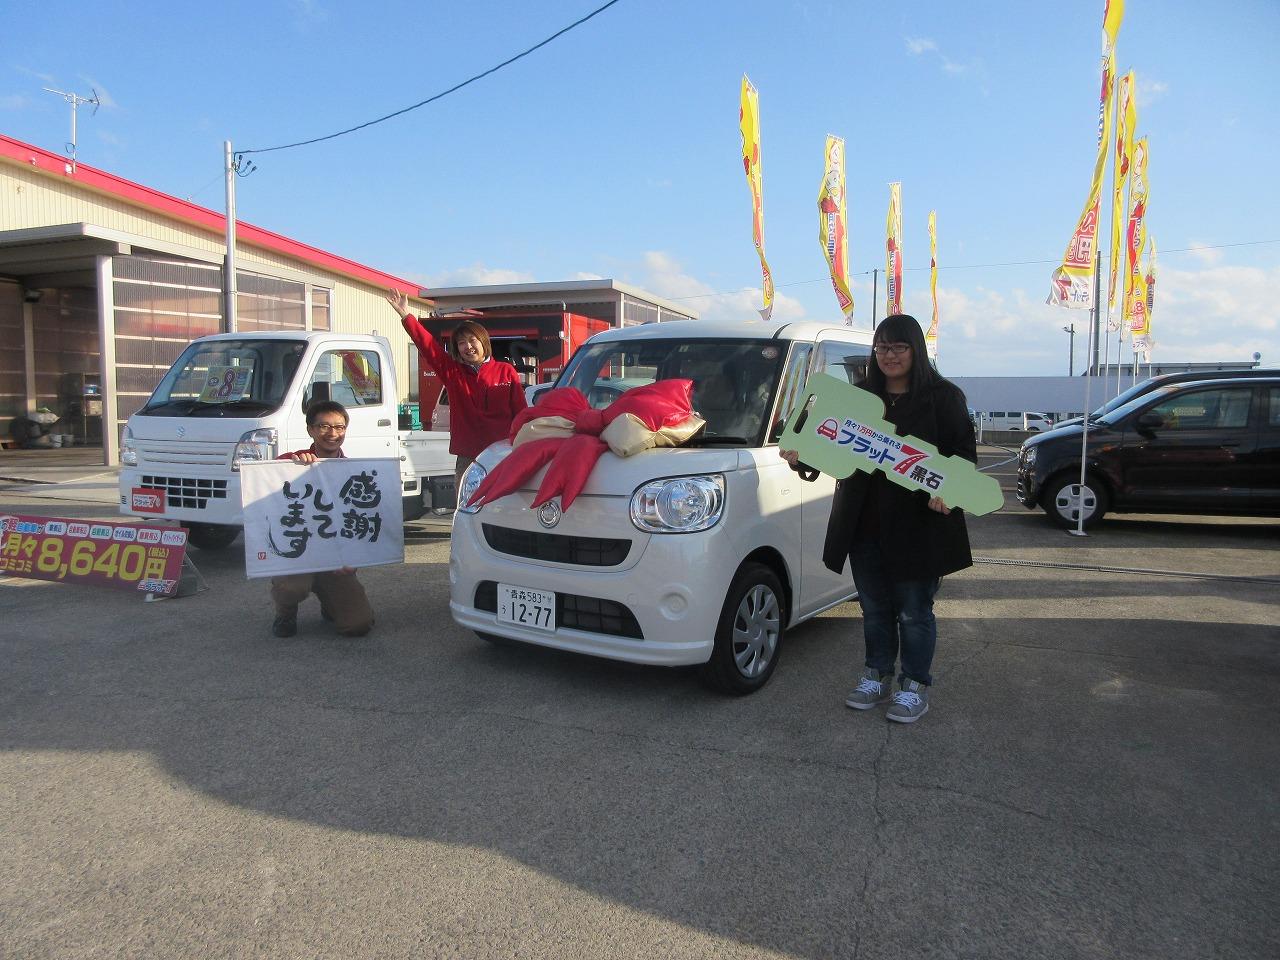 ムーブキャンバス 浪岡のお客様 納車式のイメージ画像|黒石カーリース専門店フラット7黒石